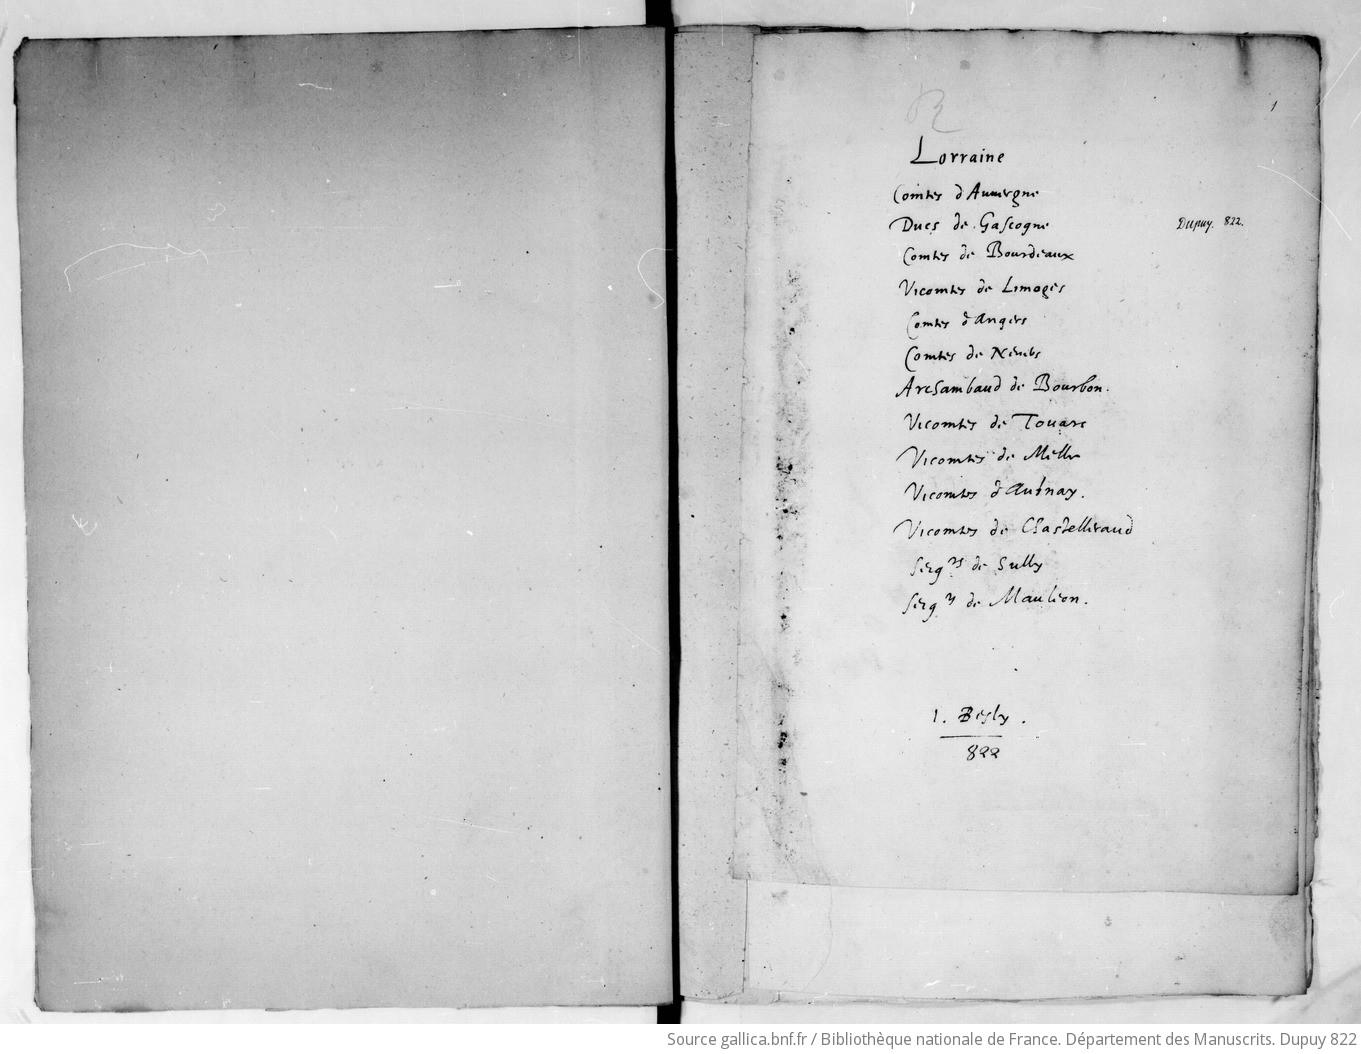 ... Flodoard, Aimoin, etc., et de pièces diverses concernant les origines  de l histoire de FRANCE et particulièrement de la LORRAINE, les comtes  d AUVERGNE, ... 575b50bb8e67